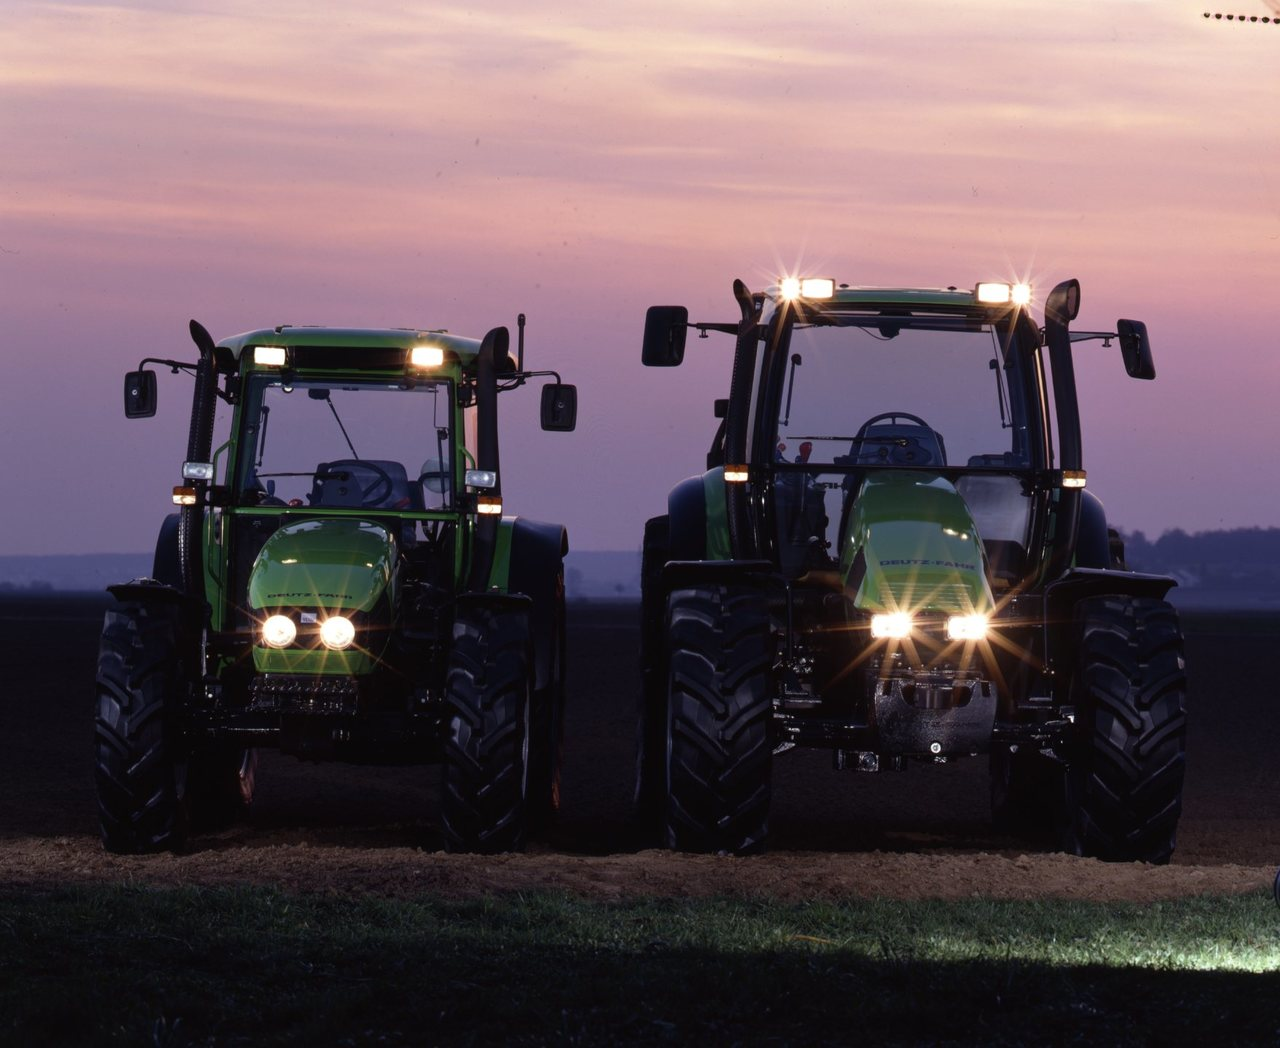 [Deutz-Fahr] trattori Agrotron e Agroplus